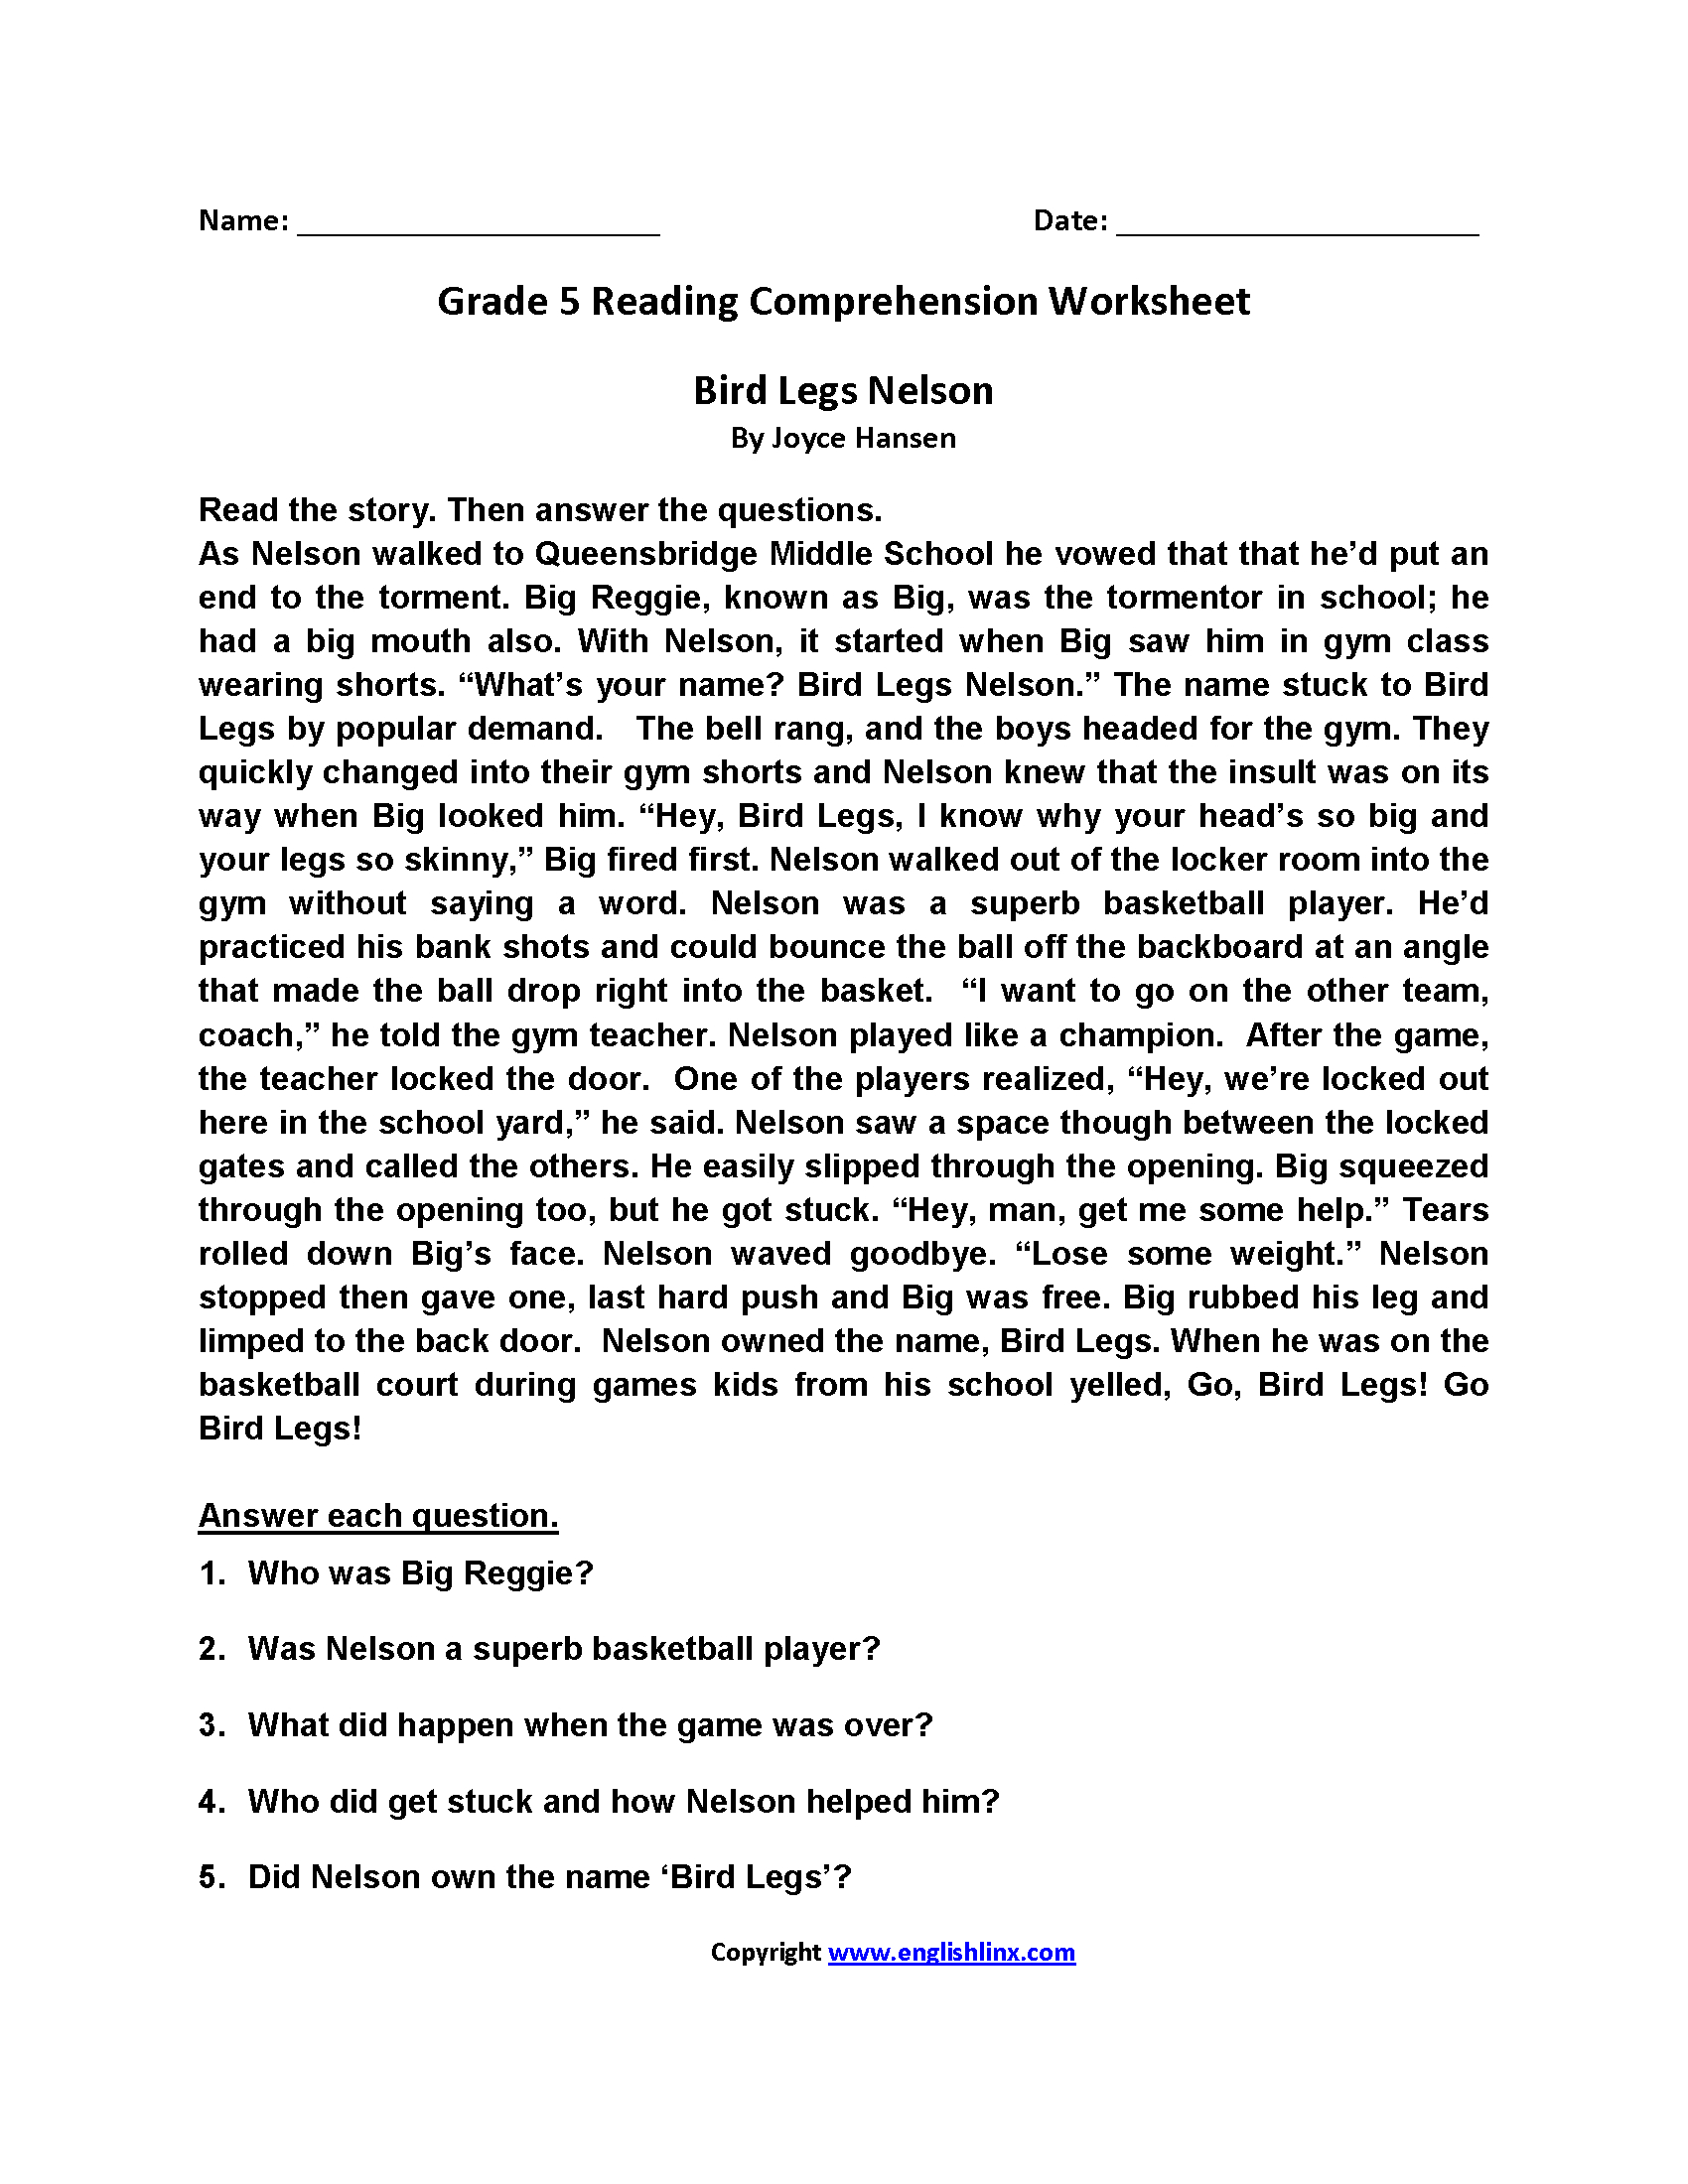 Reading Worksheets | Fifth Grade Reading Worksheets - Free Printable Comprehension Worksheets For Grade 5